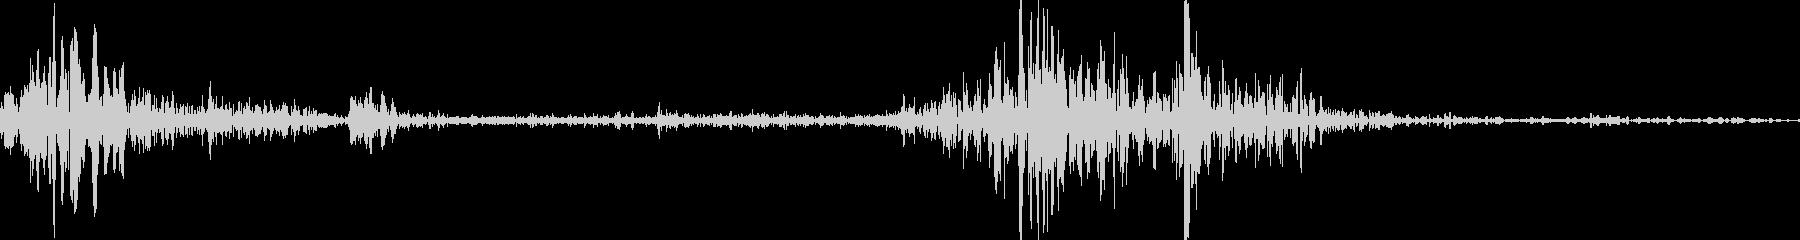 【ぺらっ】本のページをめくる音の未再生の波形